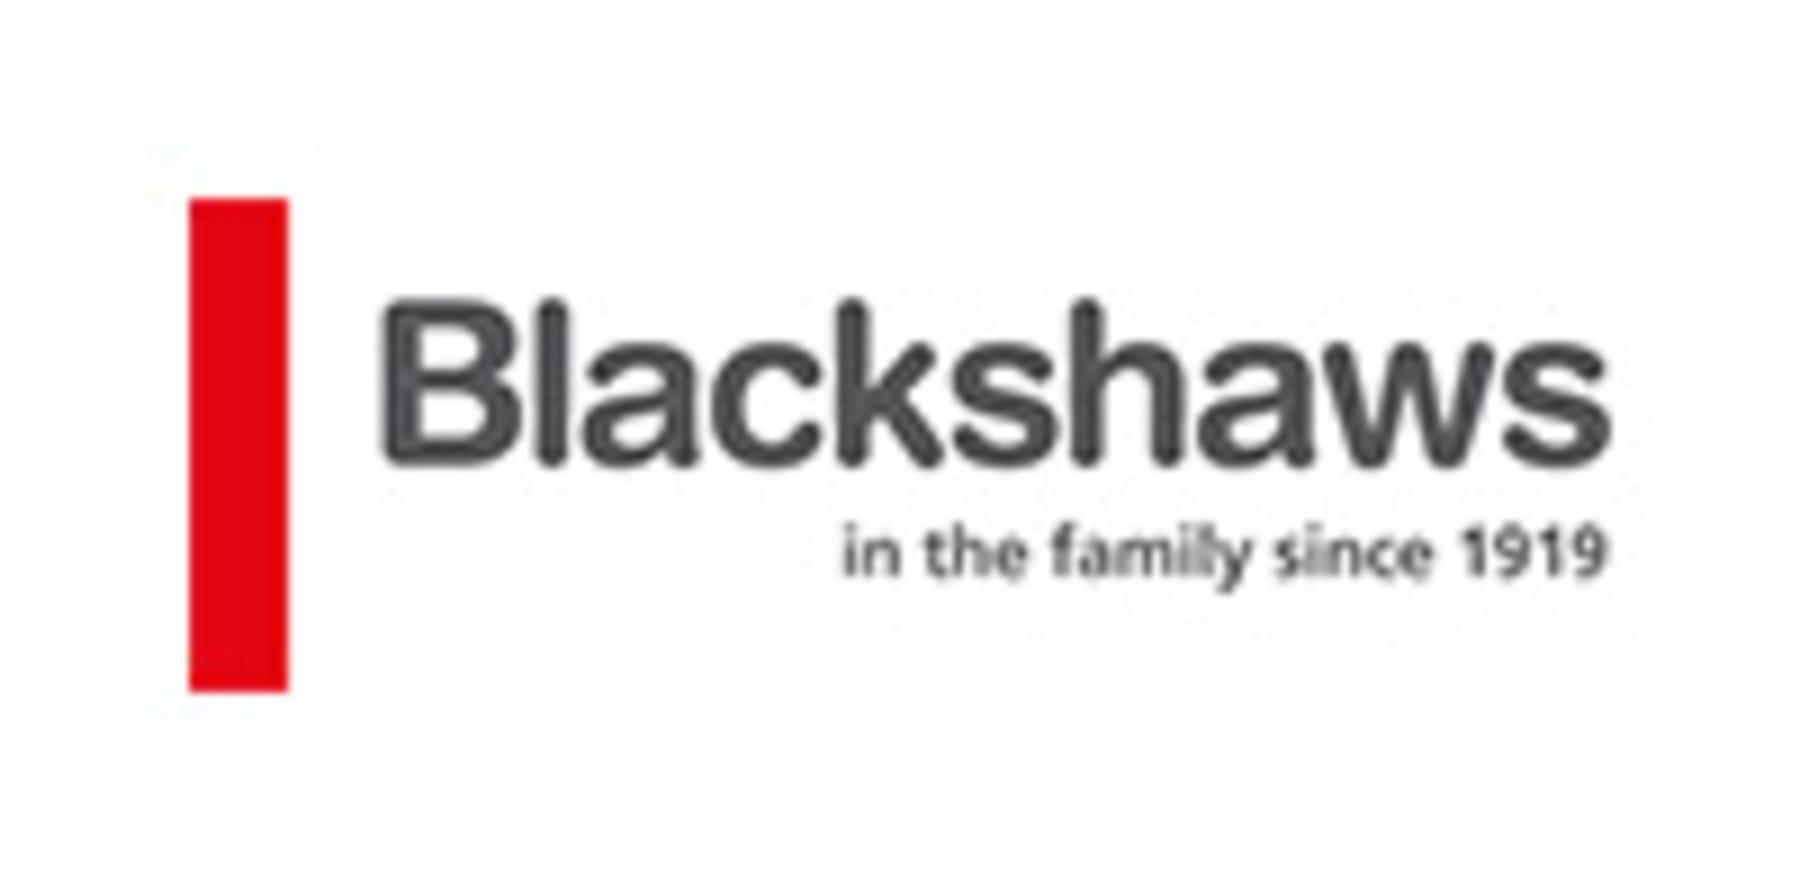 Blackshaws Dealerships